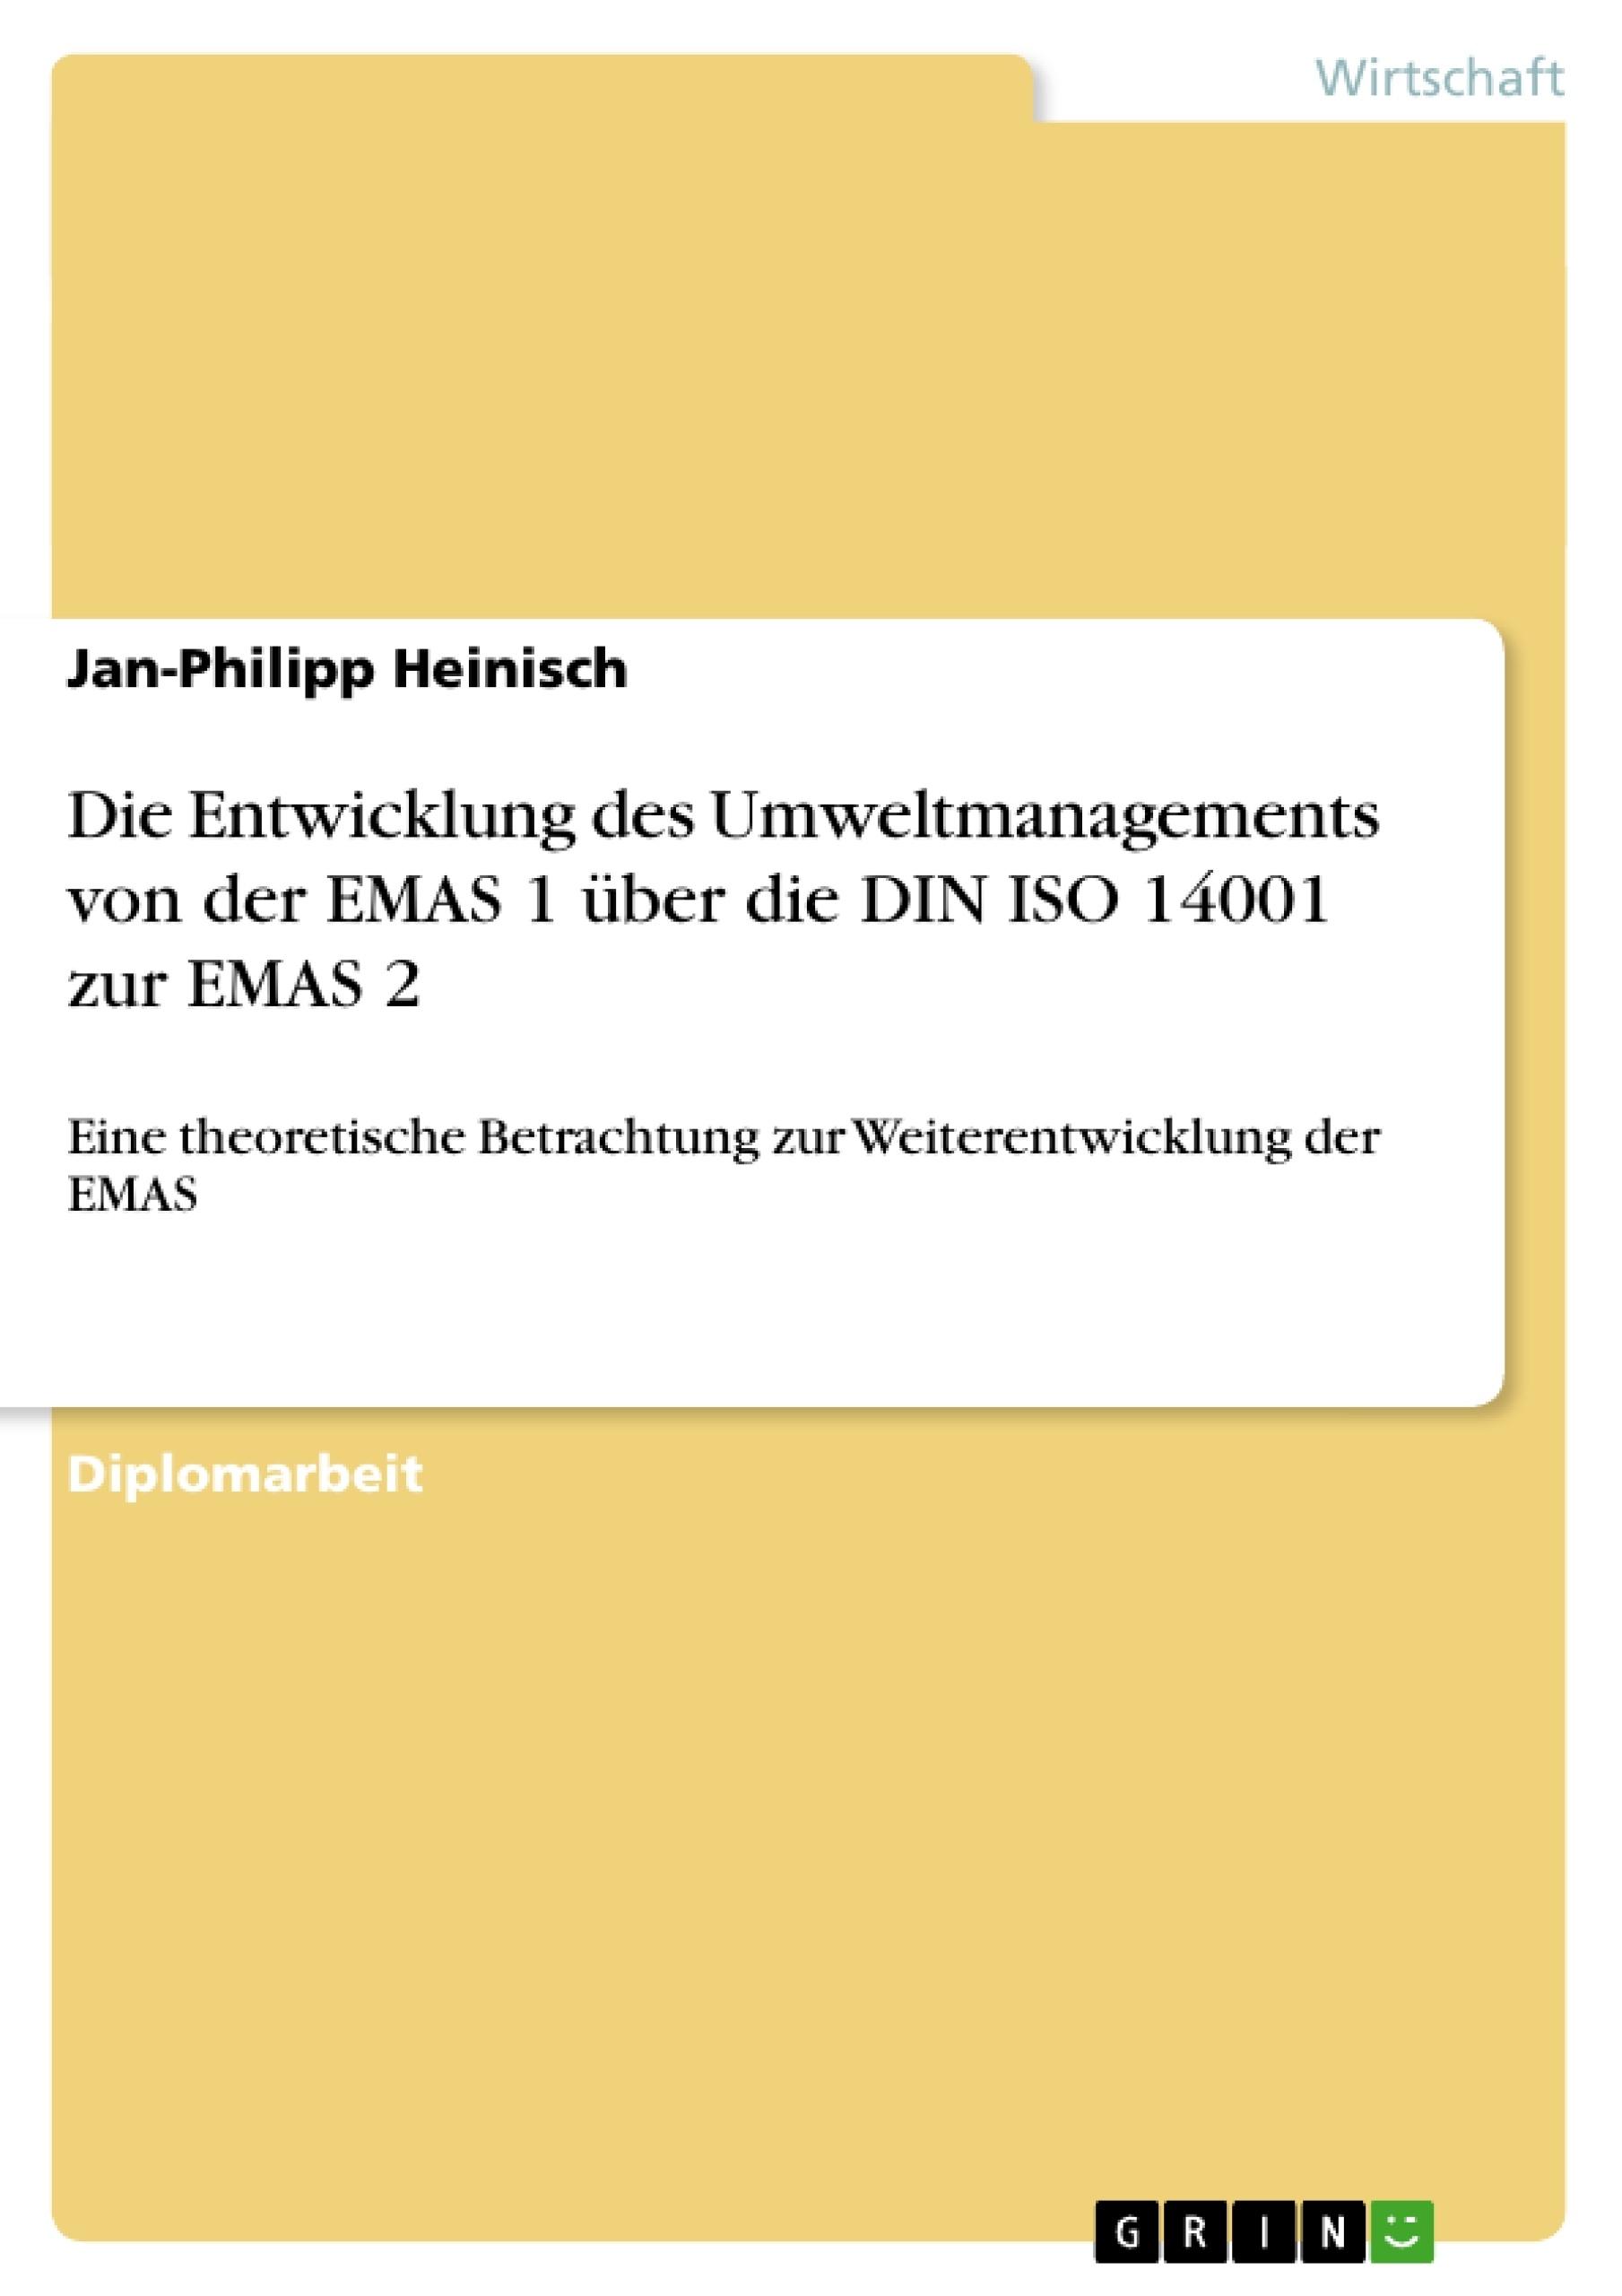 Titel: Die Entwicklung des Umweltmanagements von der EMAS 1 über die DIN ISO 14001 zur EMAS 2